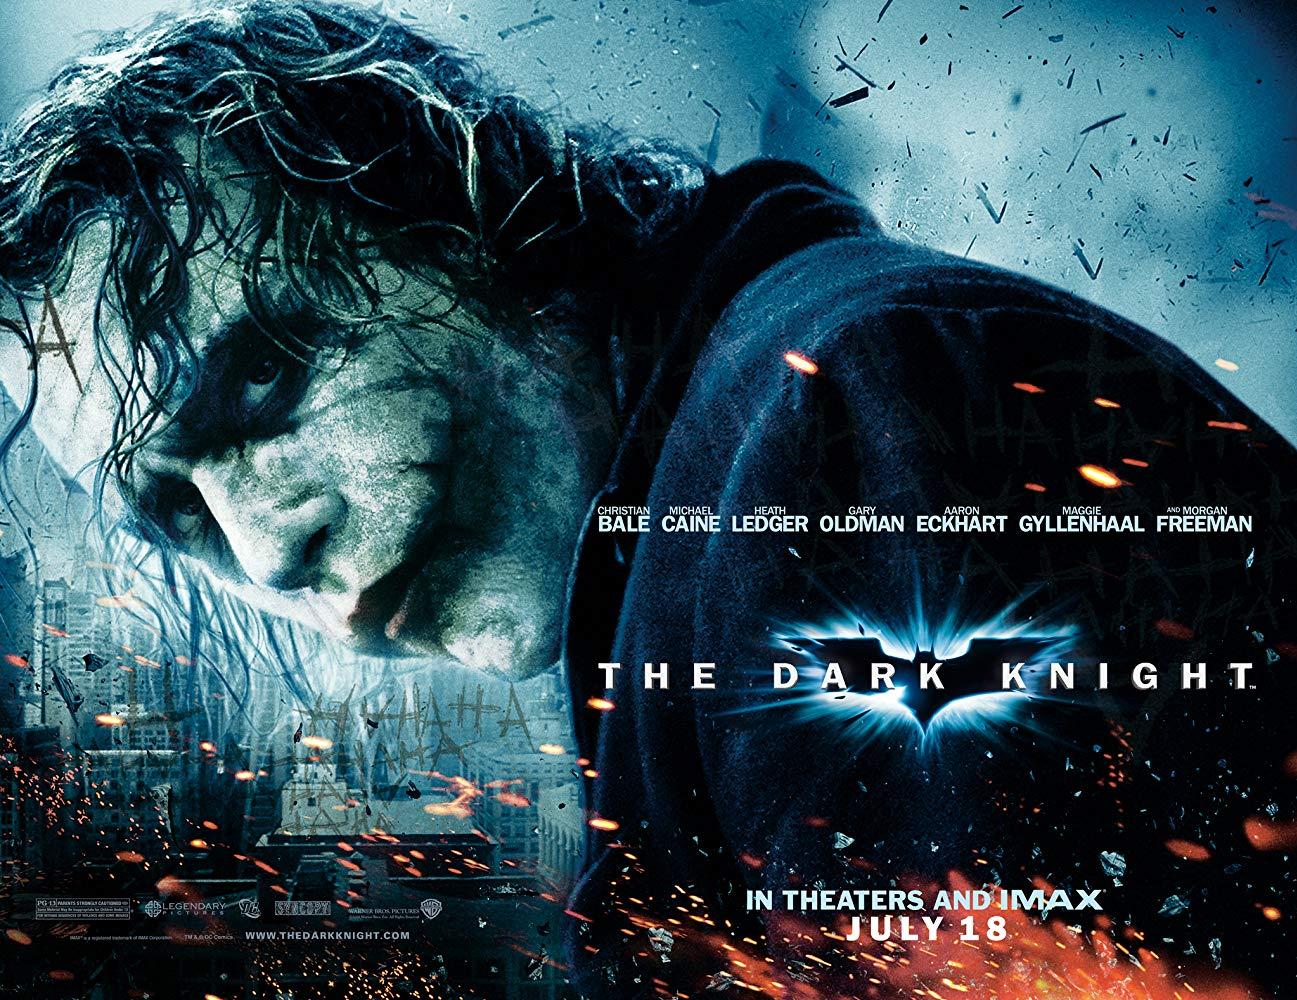 映画『ダークナイト』(2008)の名言・名セリフを英語・日本語の一覧で紹介